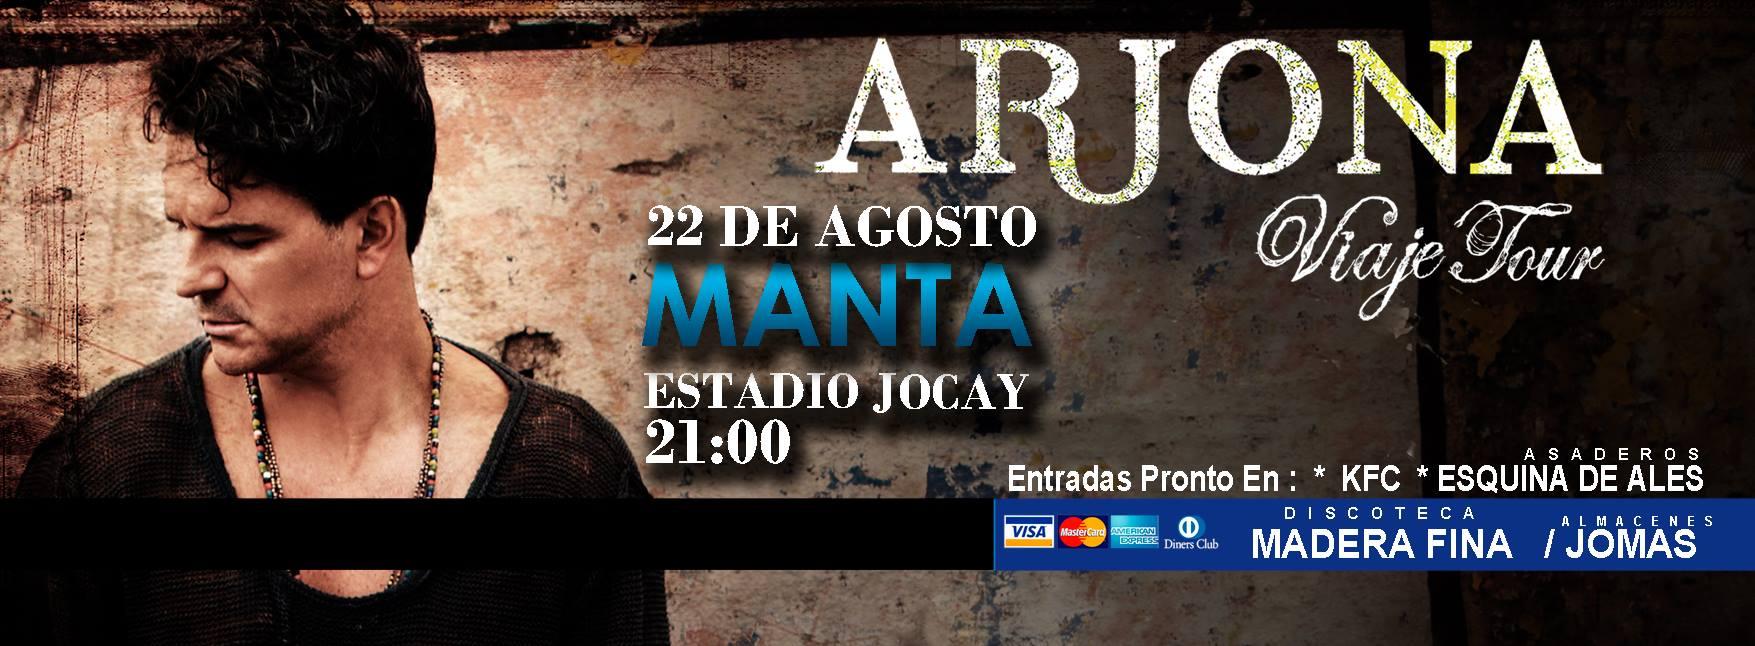 Ricardo Arjona en Manta Agosto del 2014